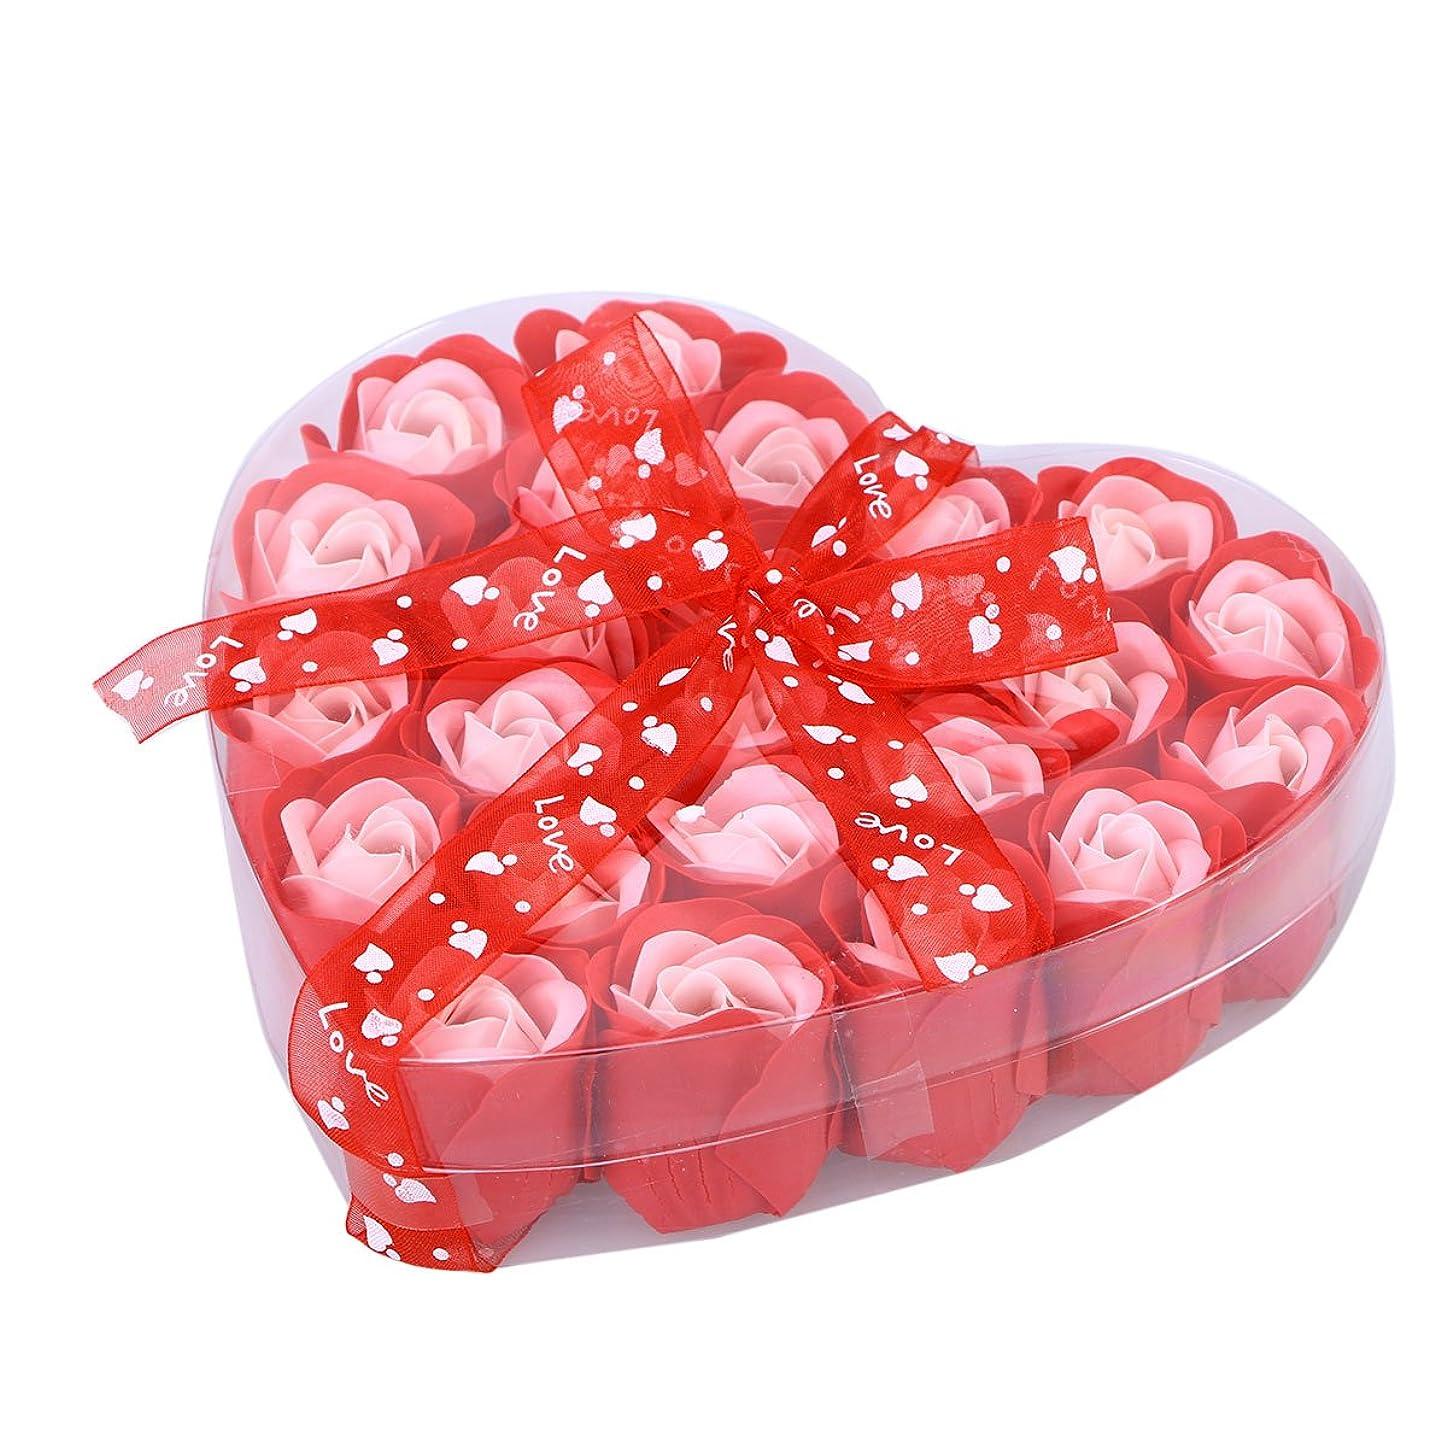 はず略す遷移Healifty バレンタインデーのハートボックスに香りの石鹸バラの花びら(ランダムリボン)24個